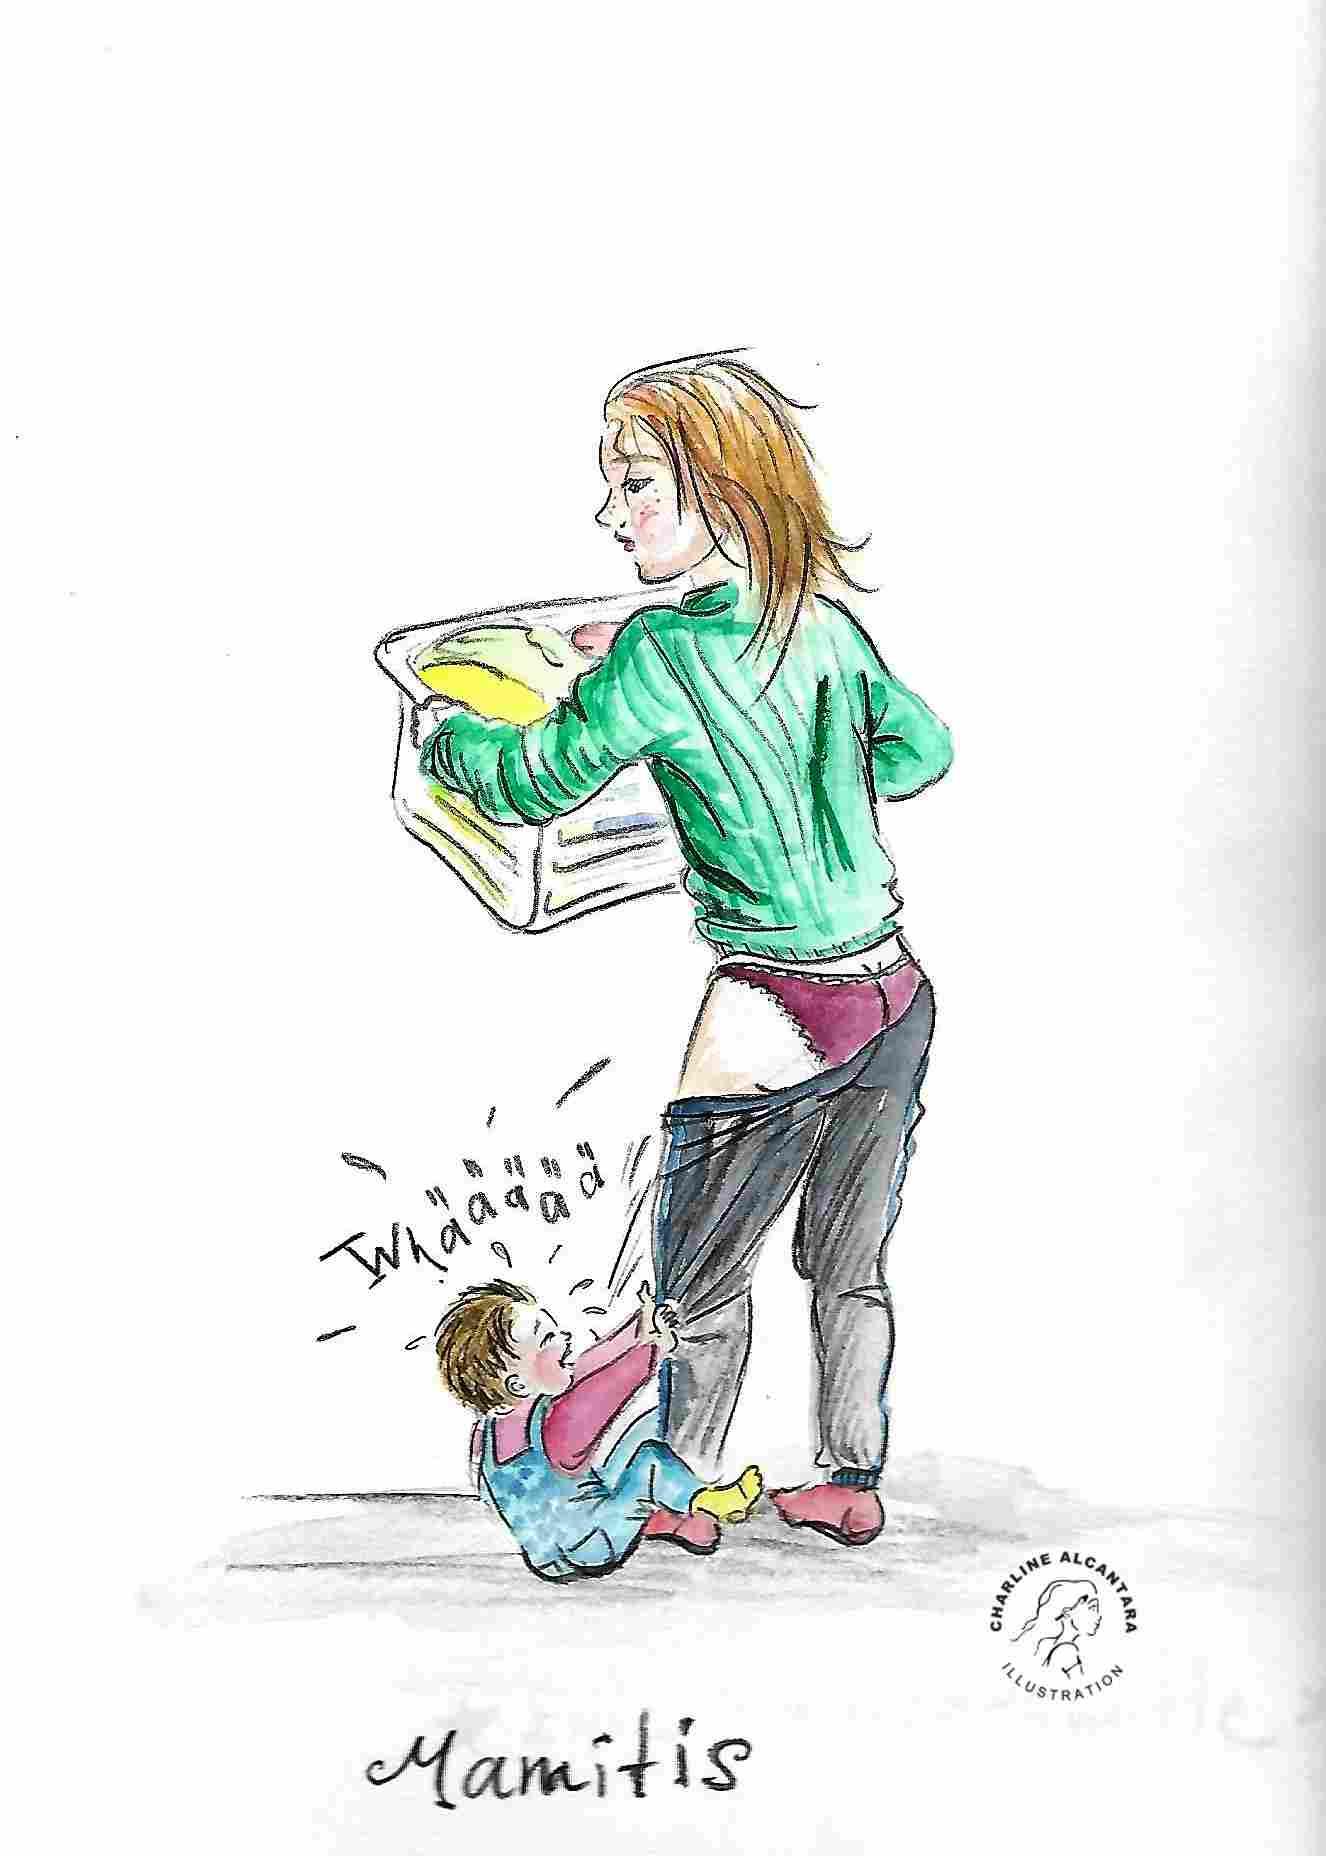 Mama mit Wäschekorb, Kind hängt an Mamas Bein